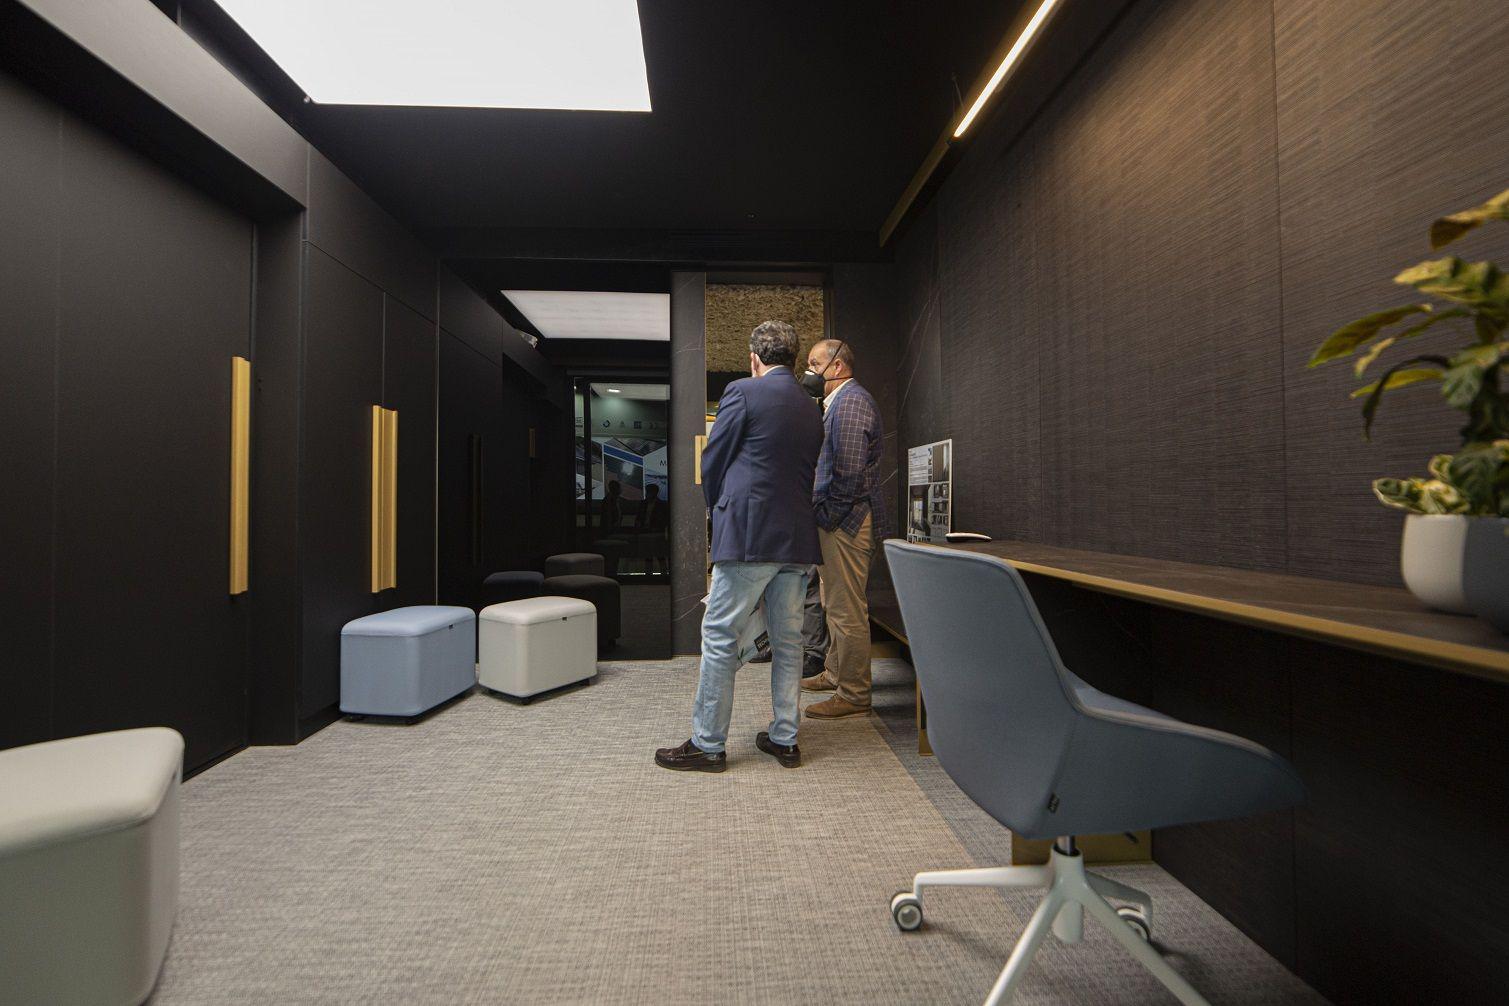 Actiu colabora con la startup ROOM2030 con el objetivo de crear la habitación del futuro